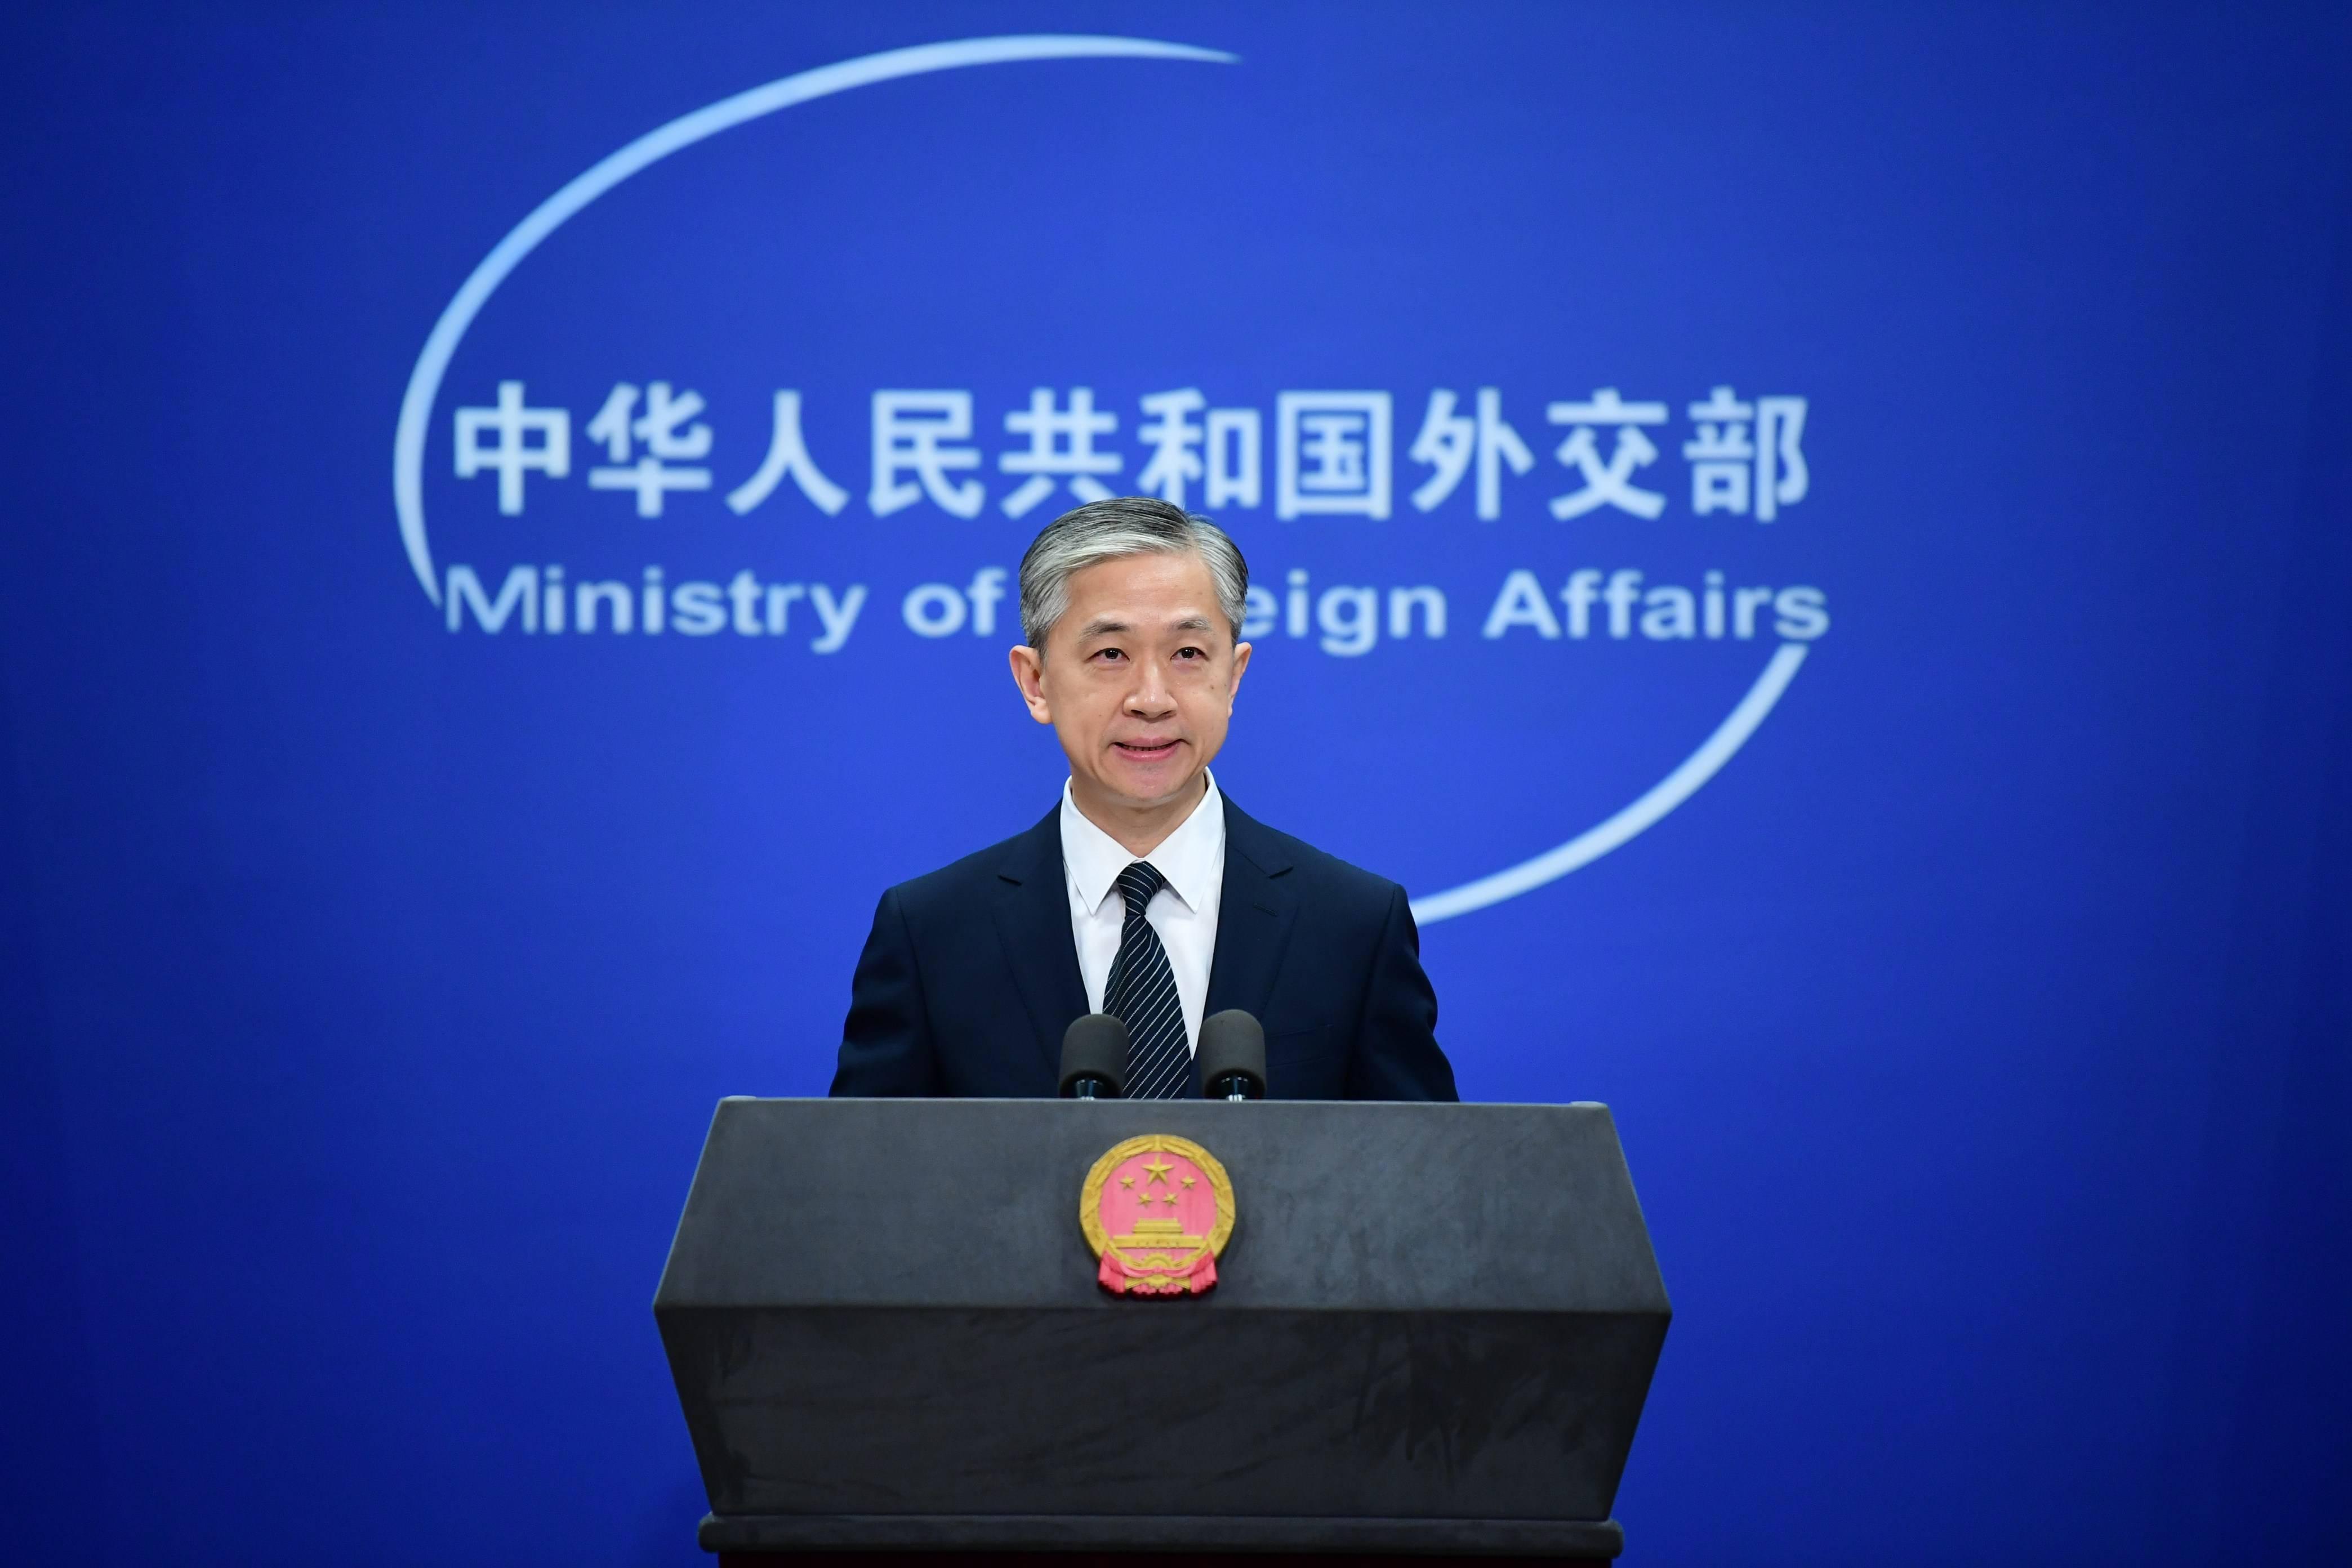 中国大使入住巴基斯坦酒店发生爆炸,外交部:尚无中国公民伤亡